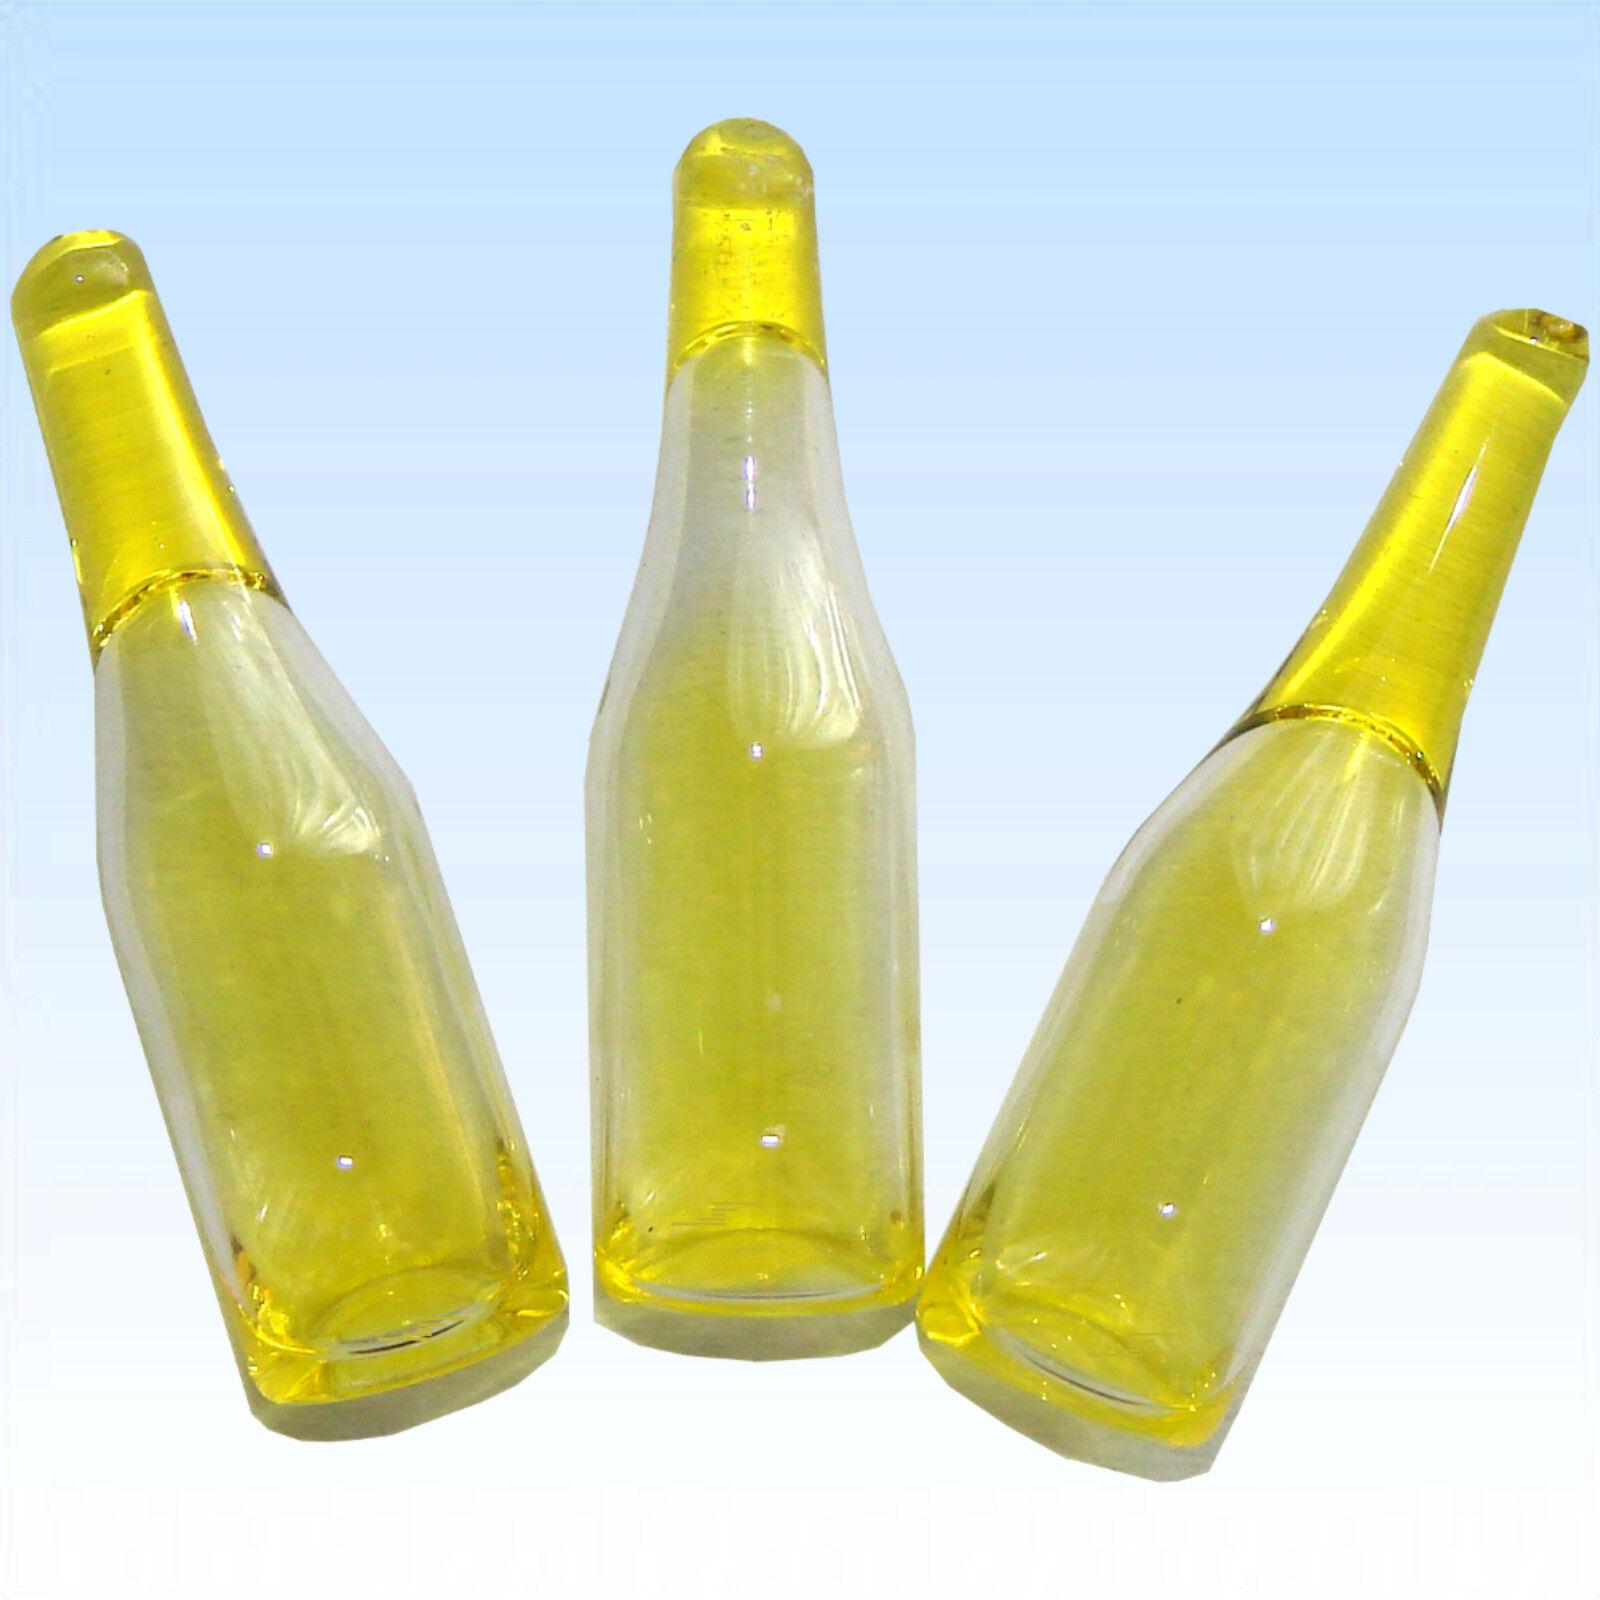 3 -72 Stinkbomben Glasampullen wie früher freie Auswahl ekel eklig Scherzartikel